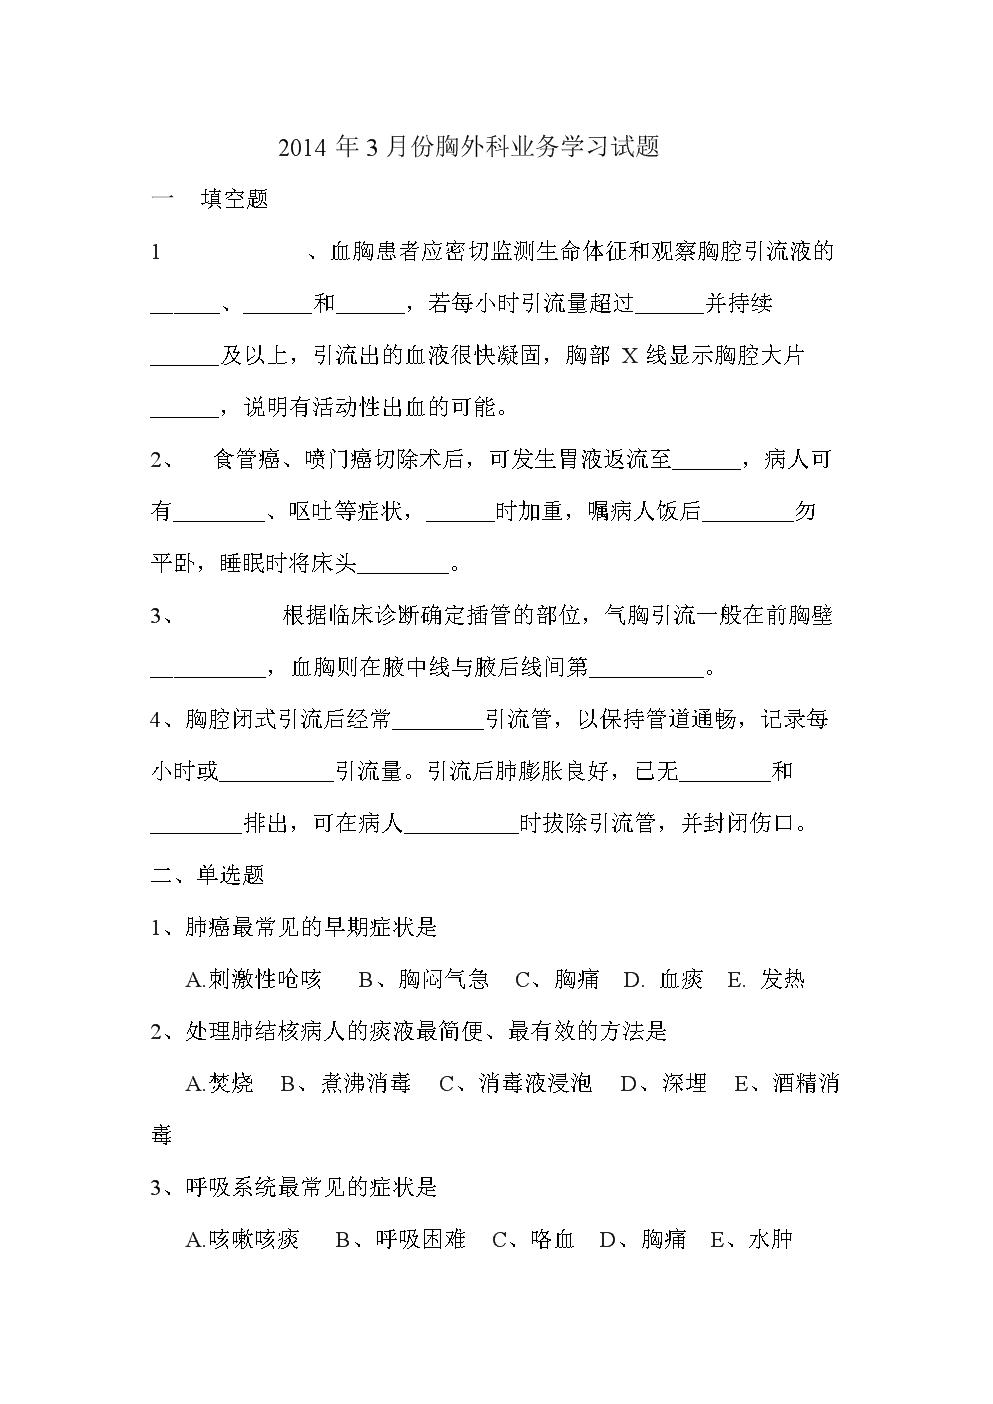 2014年3月份胸外科业务学习试题.doc